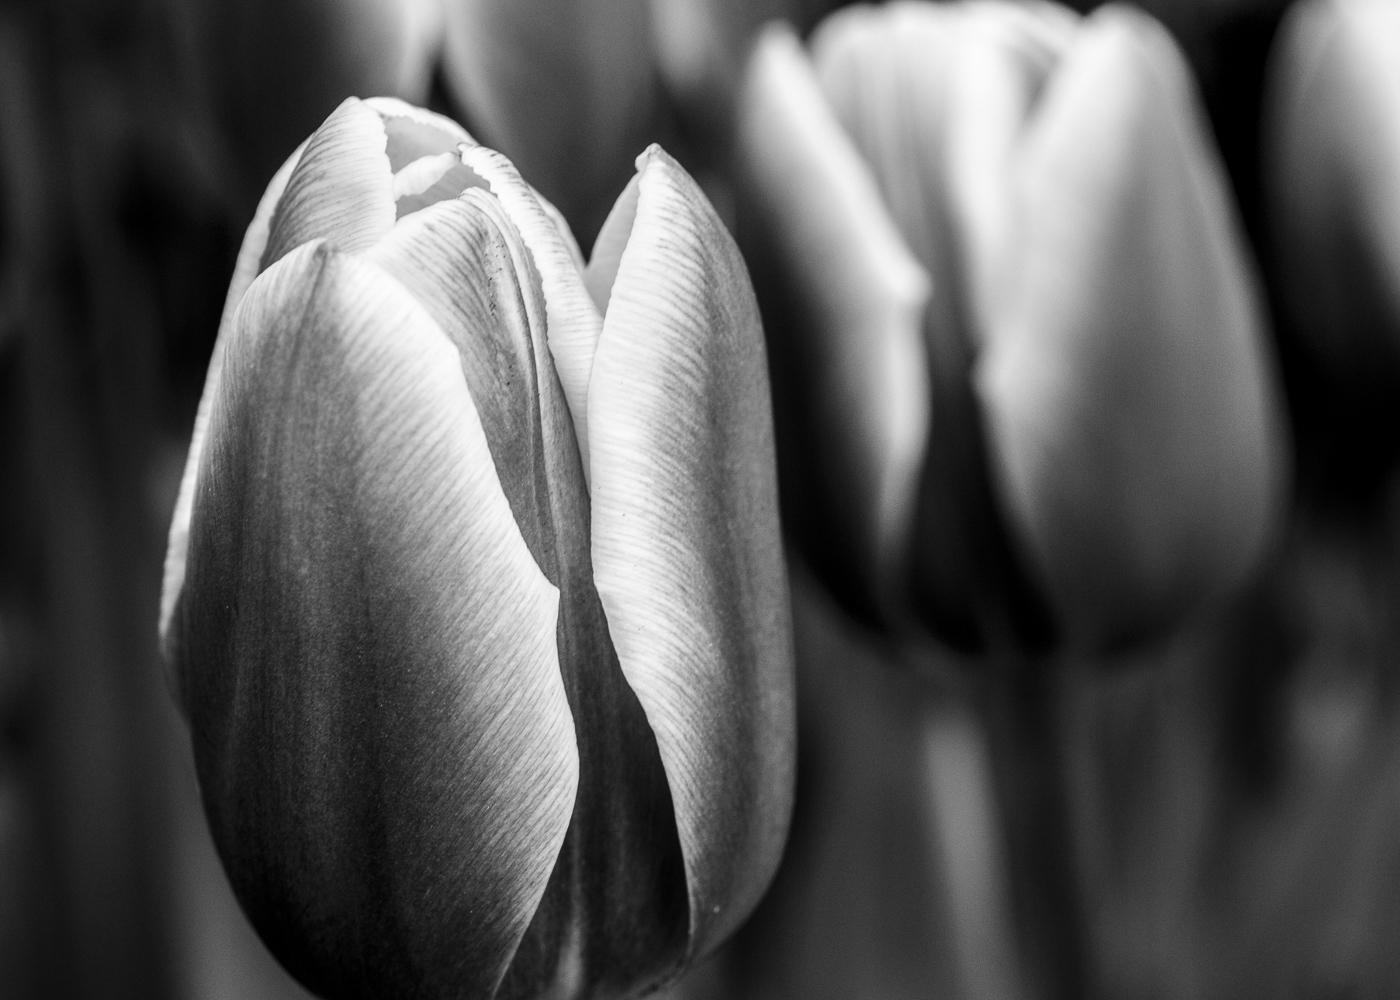 Tulip # 1